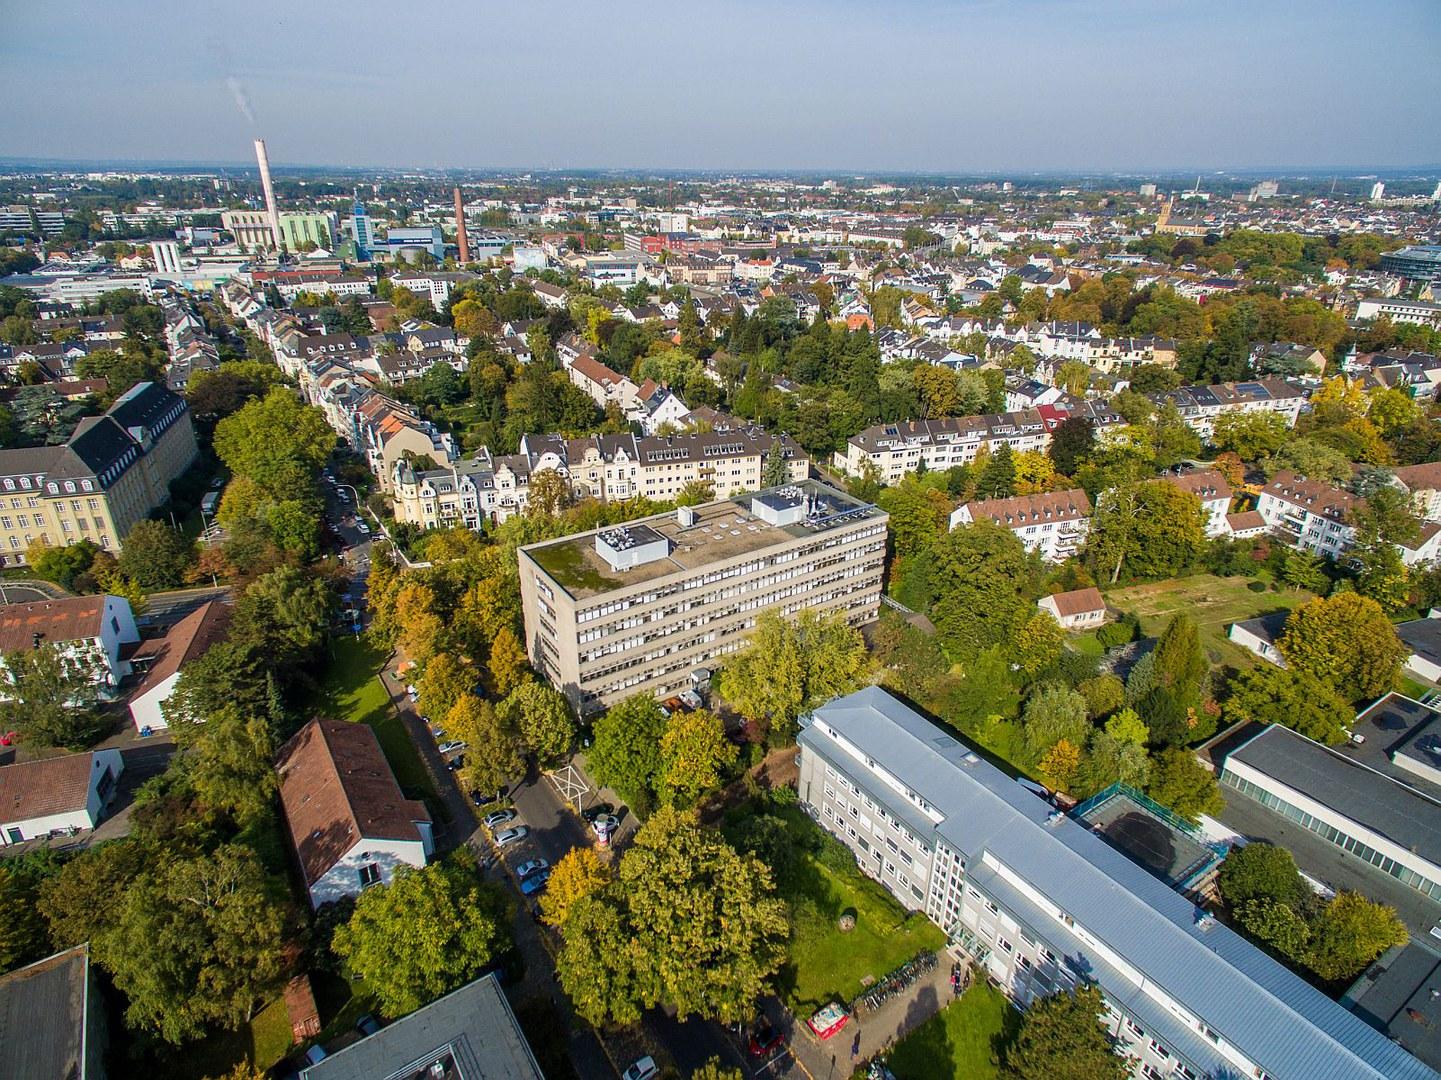 Campus Poppelsdorf